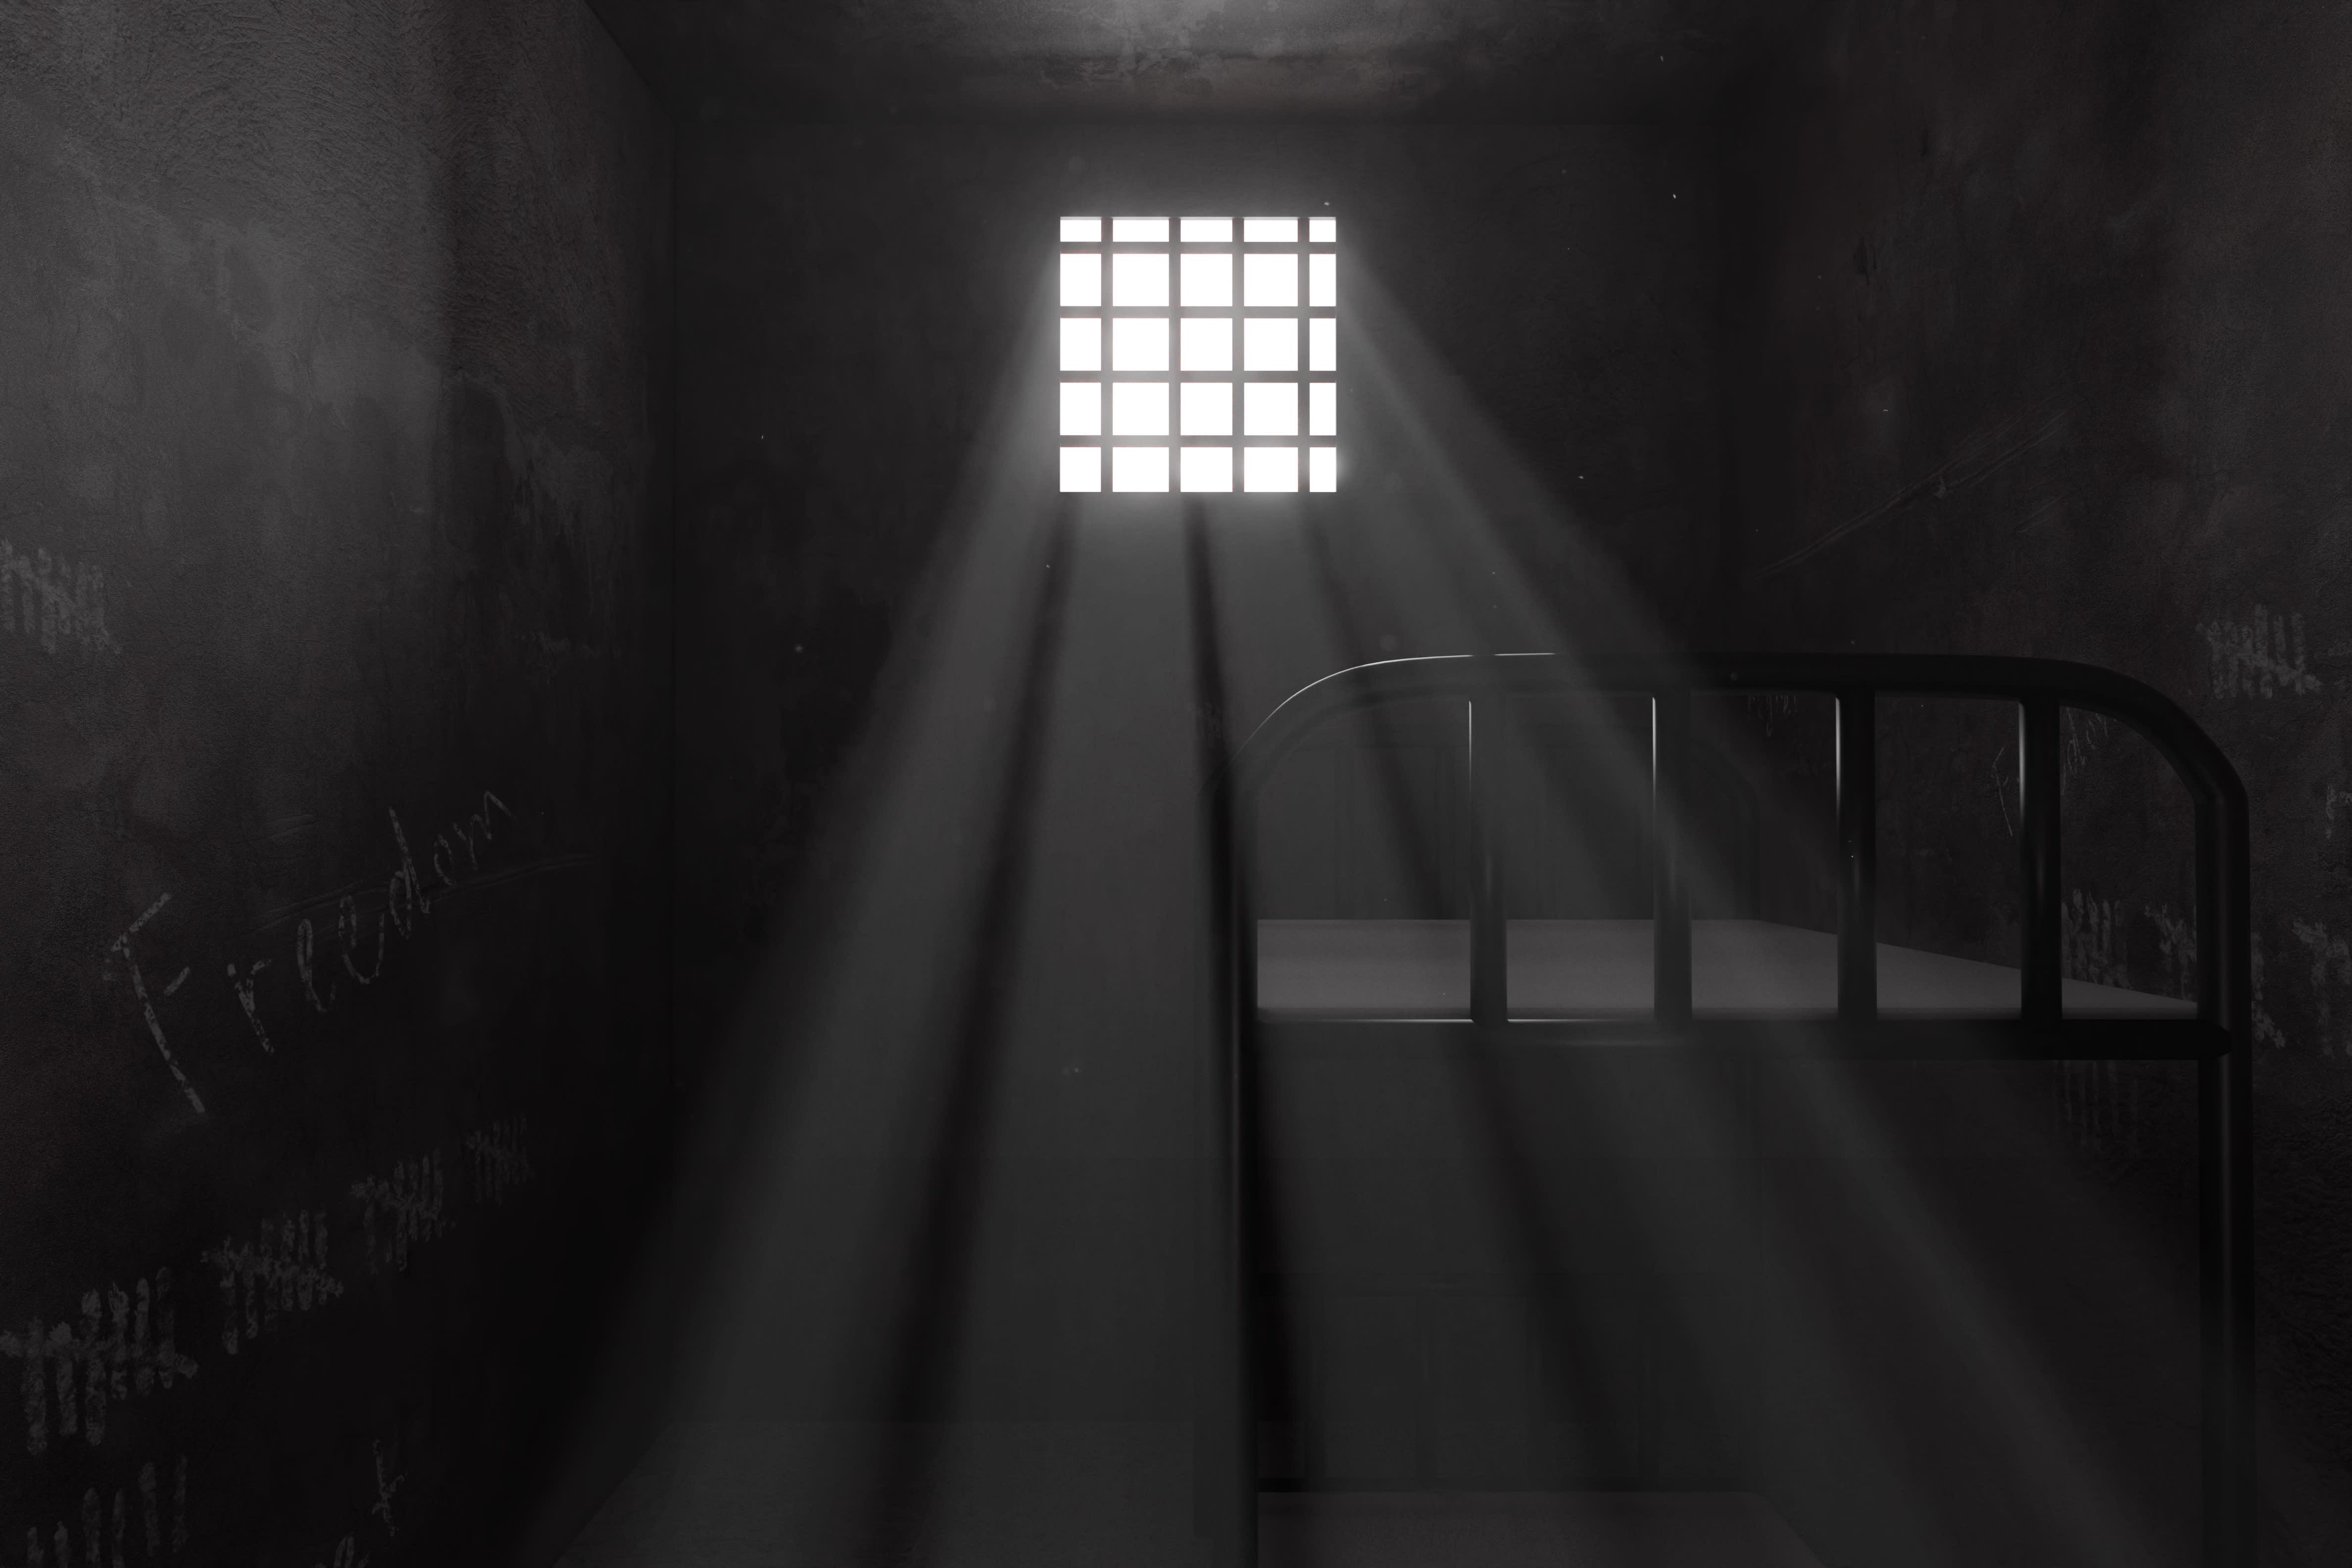 De cómo un preso cumpliendo pena por asesinato hizo un descubrimiento matemático